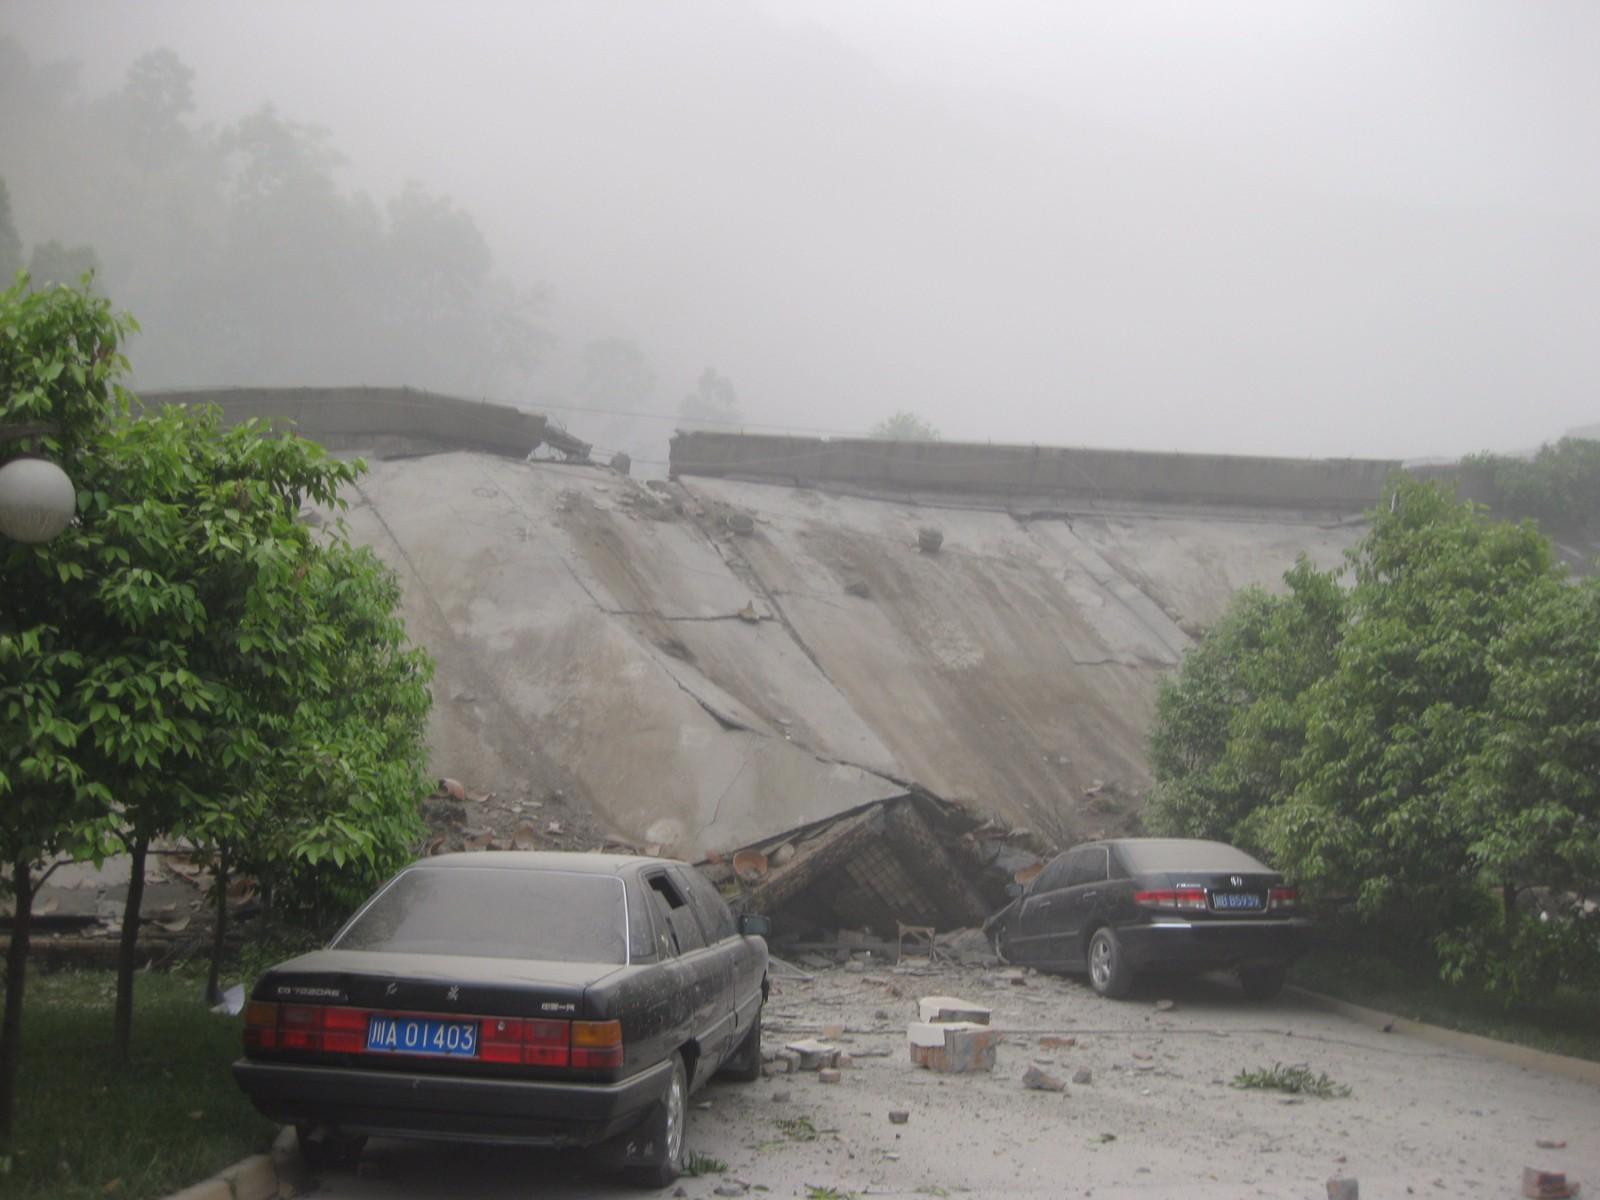 10年前日记:地震前8分钟,外地记者采访鬼使神差走进北川……